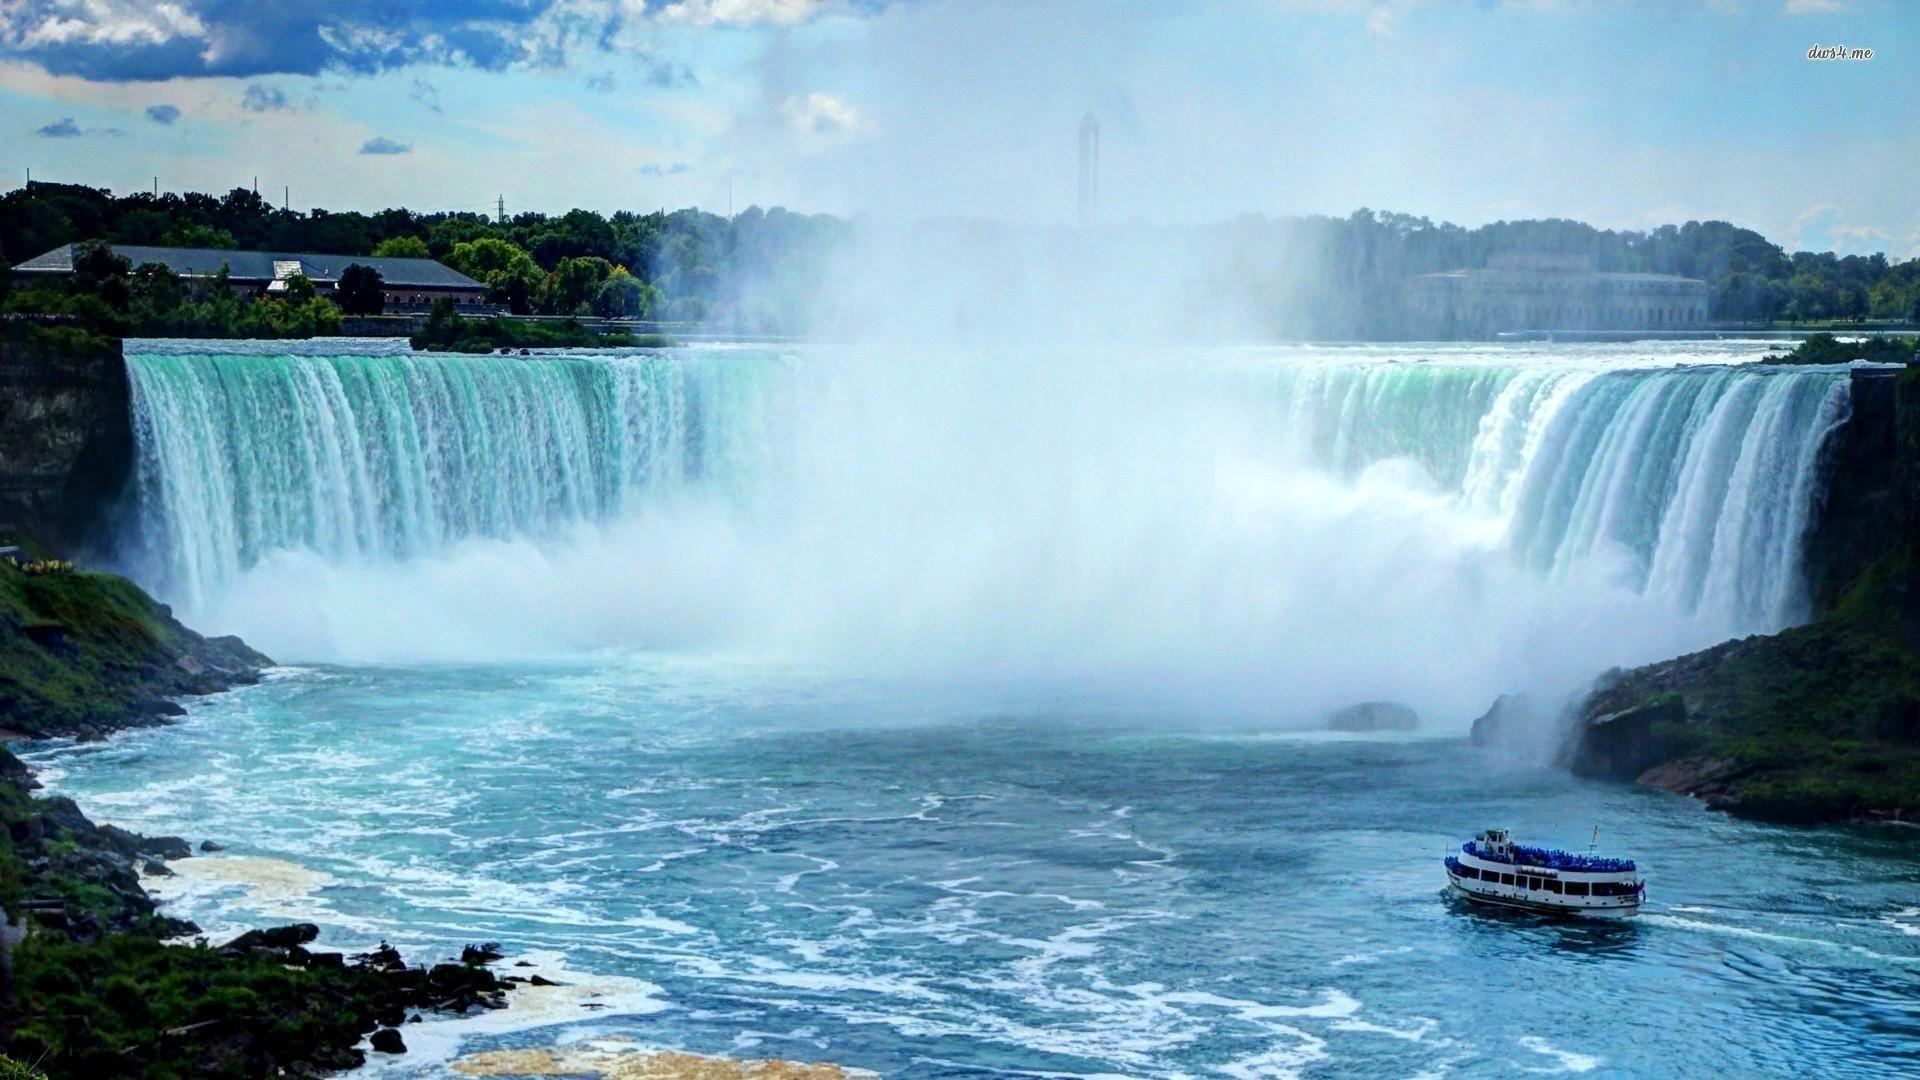 1920x1080 Free Screensaver Niagara Falls Niagara Falls American